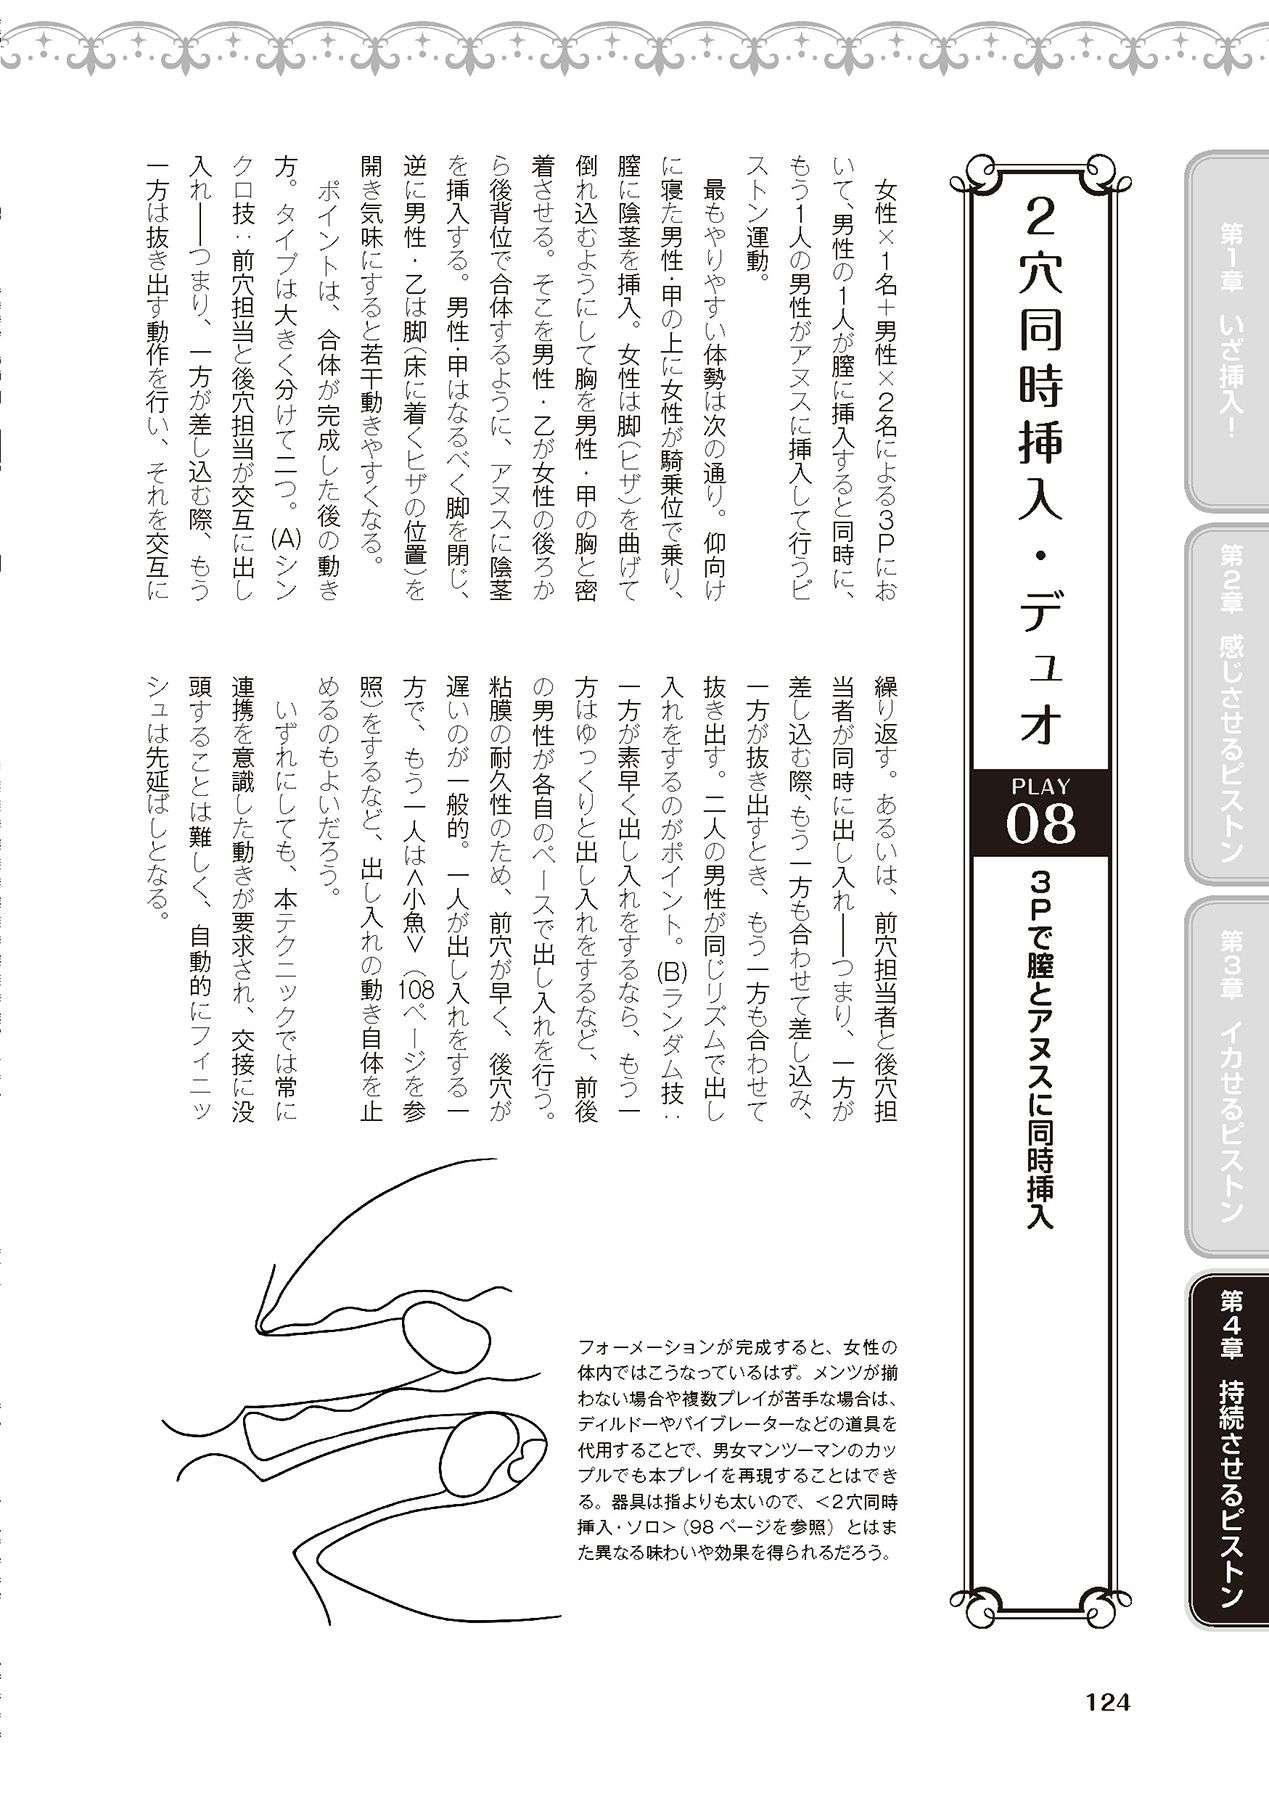 膣挿入&ピストン運動完全マニュアル イラスト版……ピスとんッ! 125